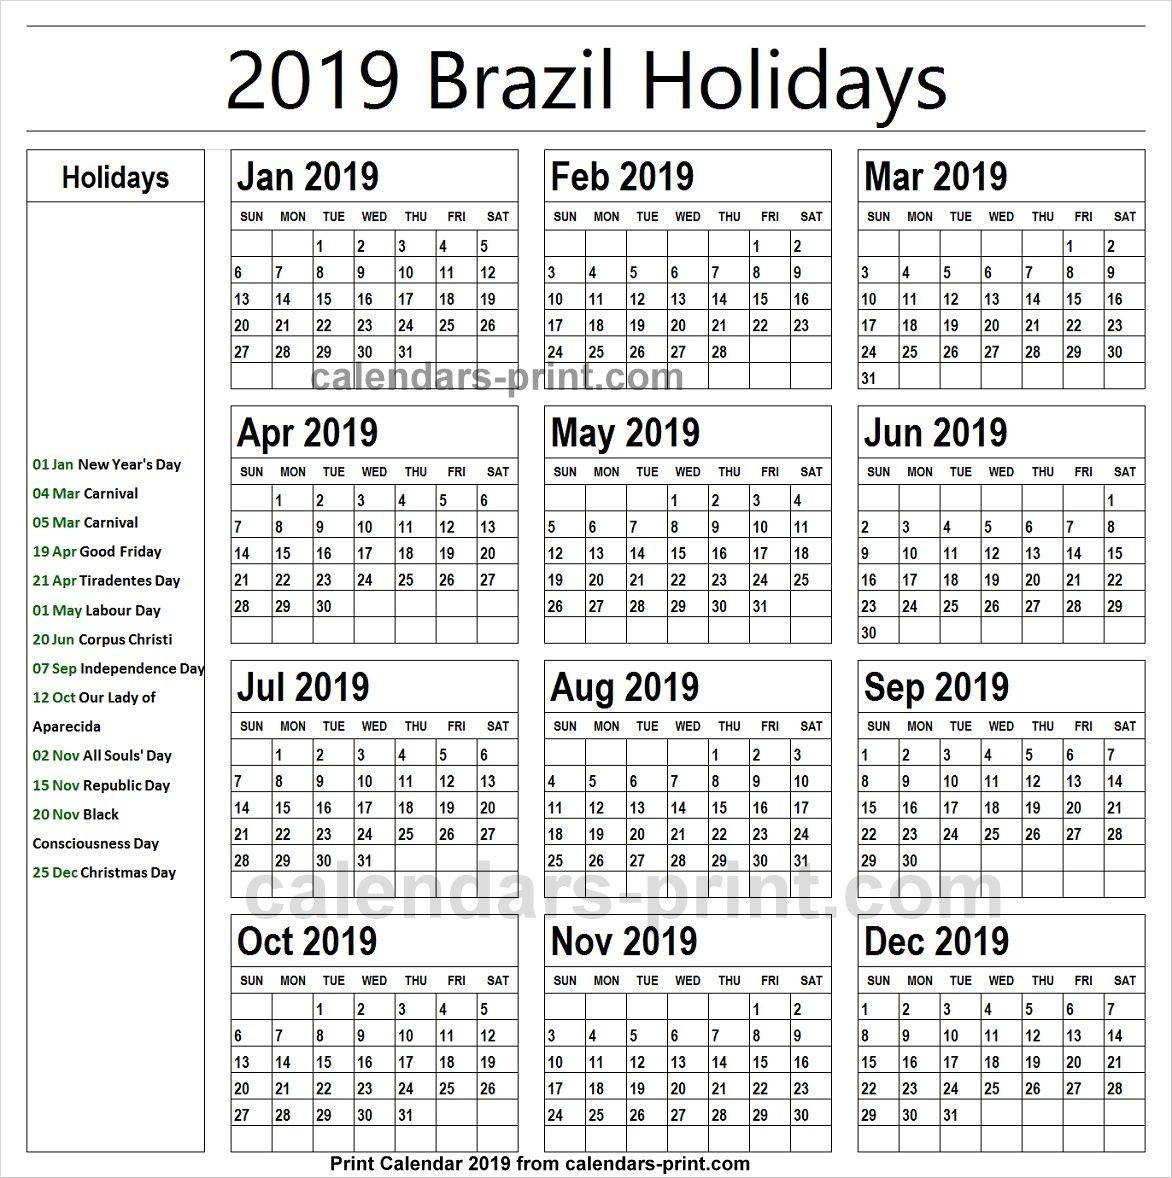 Christmas 2019 Bank Holidays.2019 Bank Holidays Brazil Holidays Calendar 2019